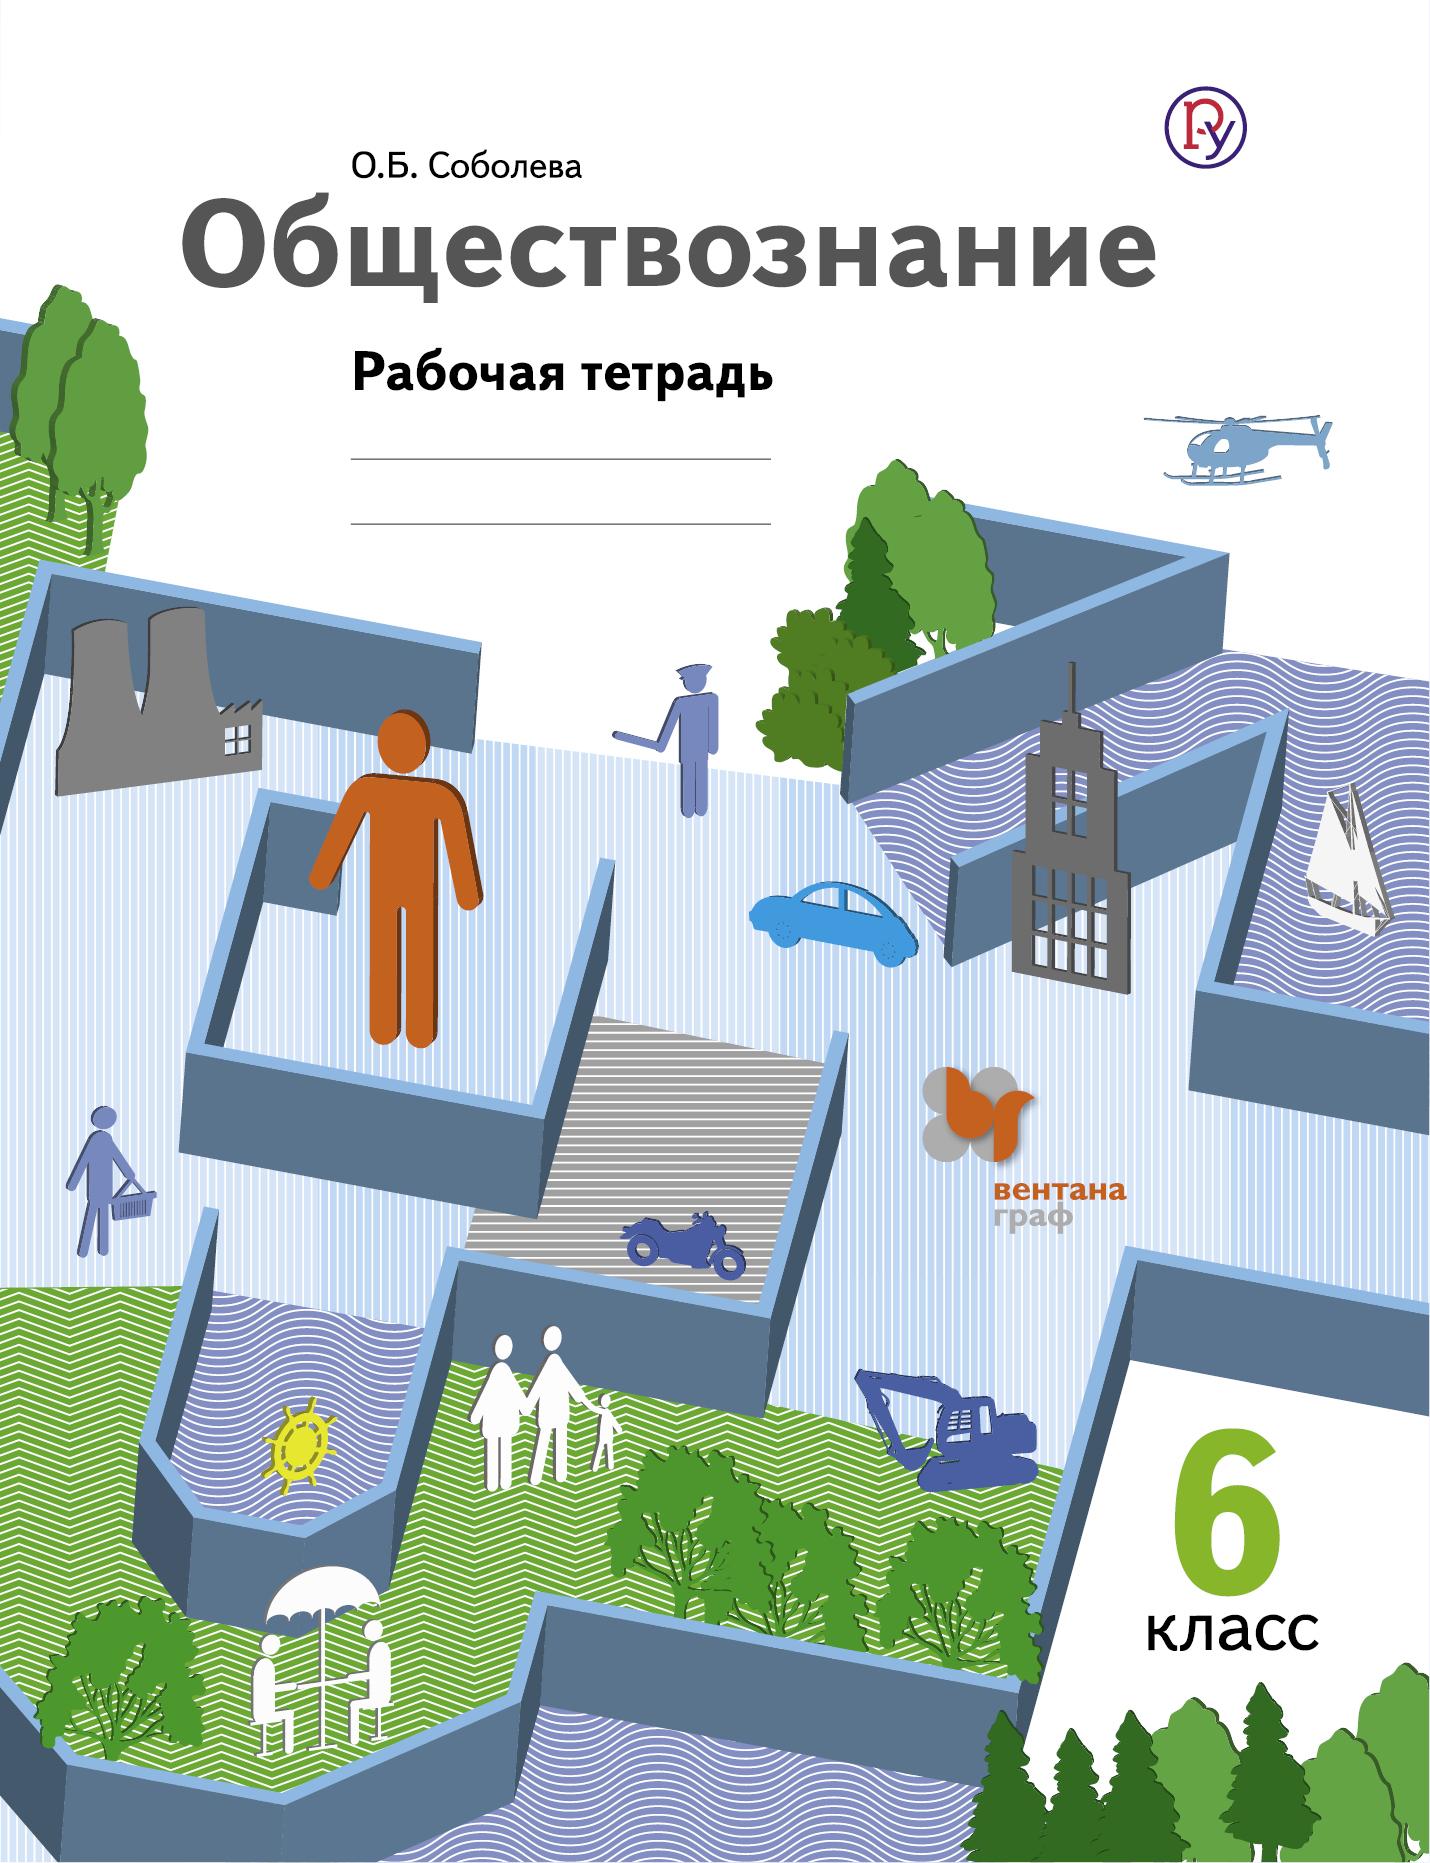 Обществознание. 6класс. Рабочая тетрадь. от book24.ru